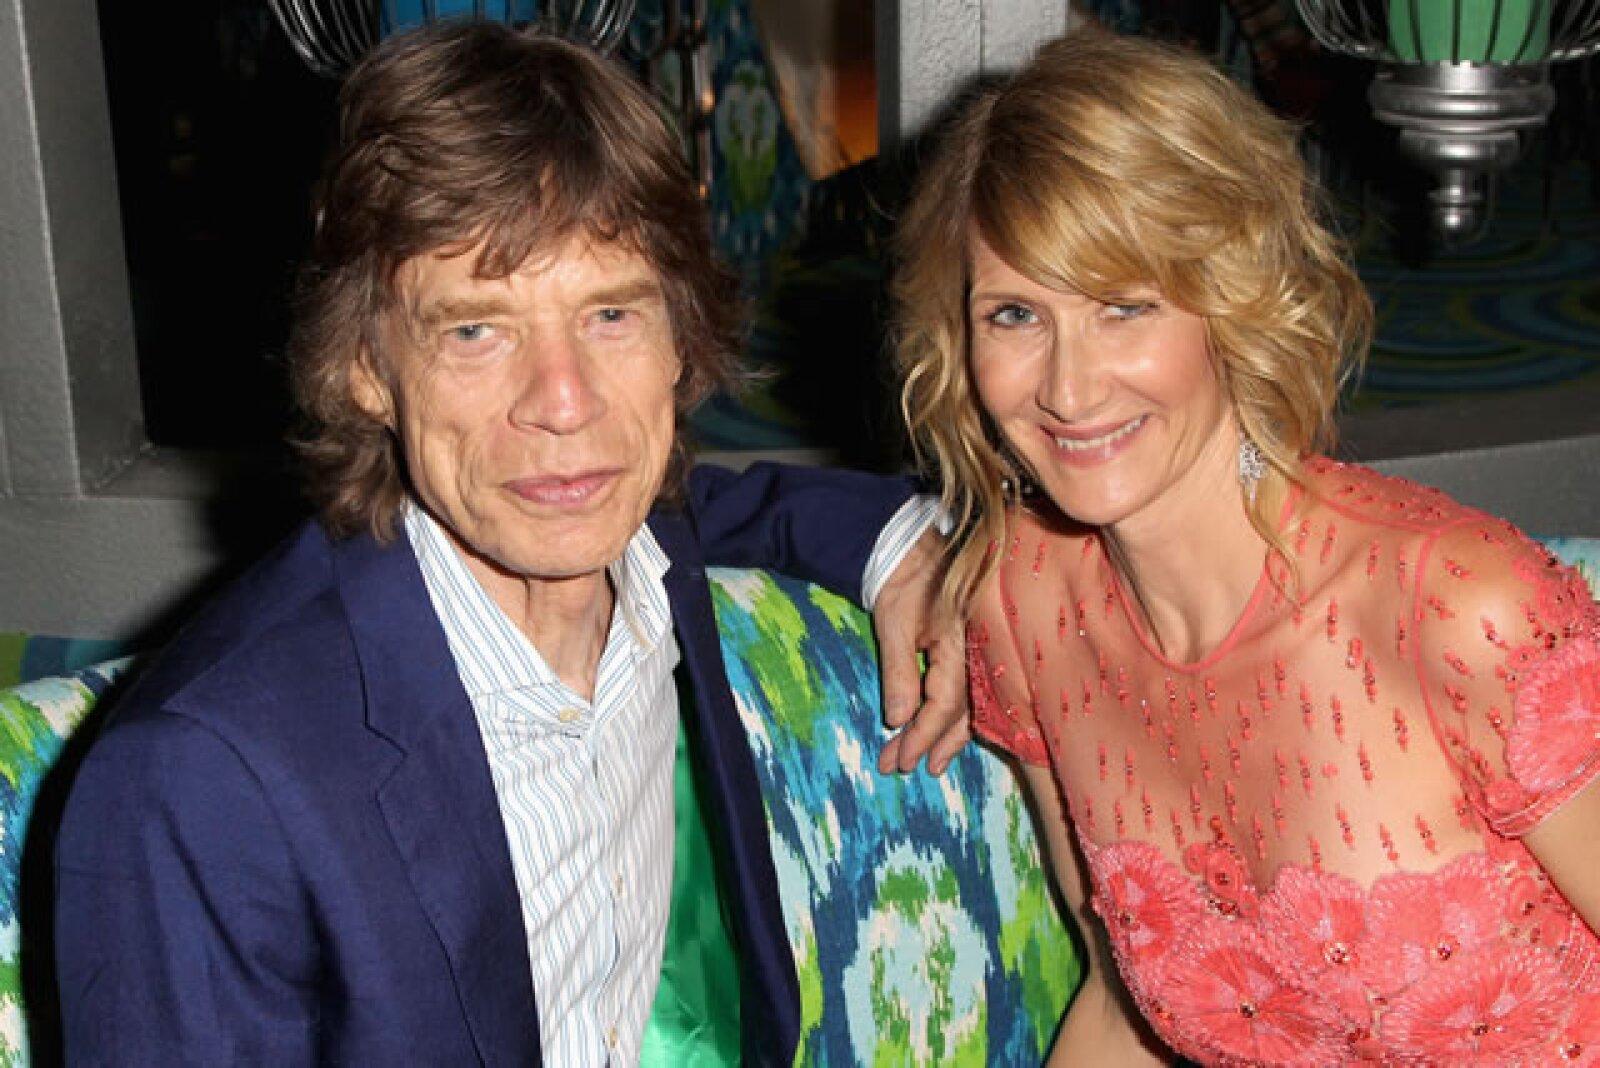 Laura Dern, Mick Jagger